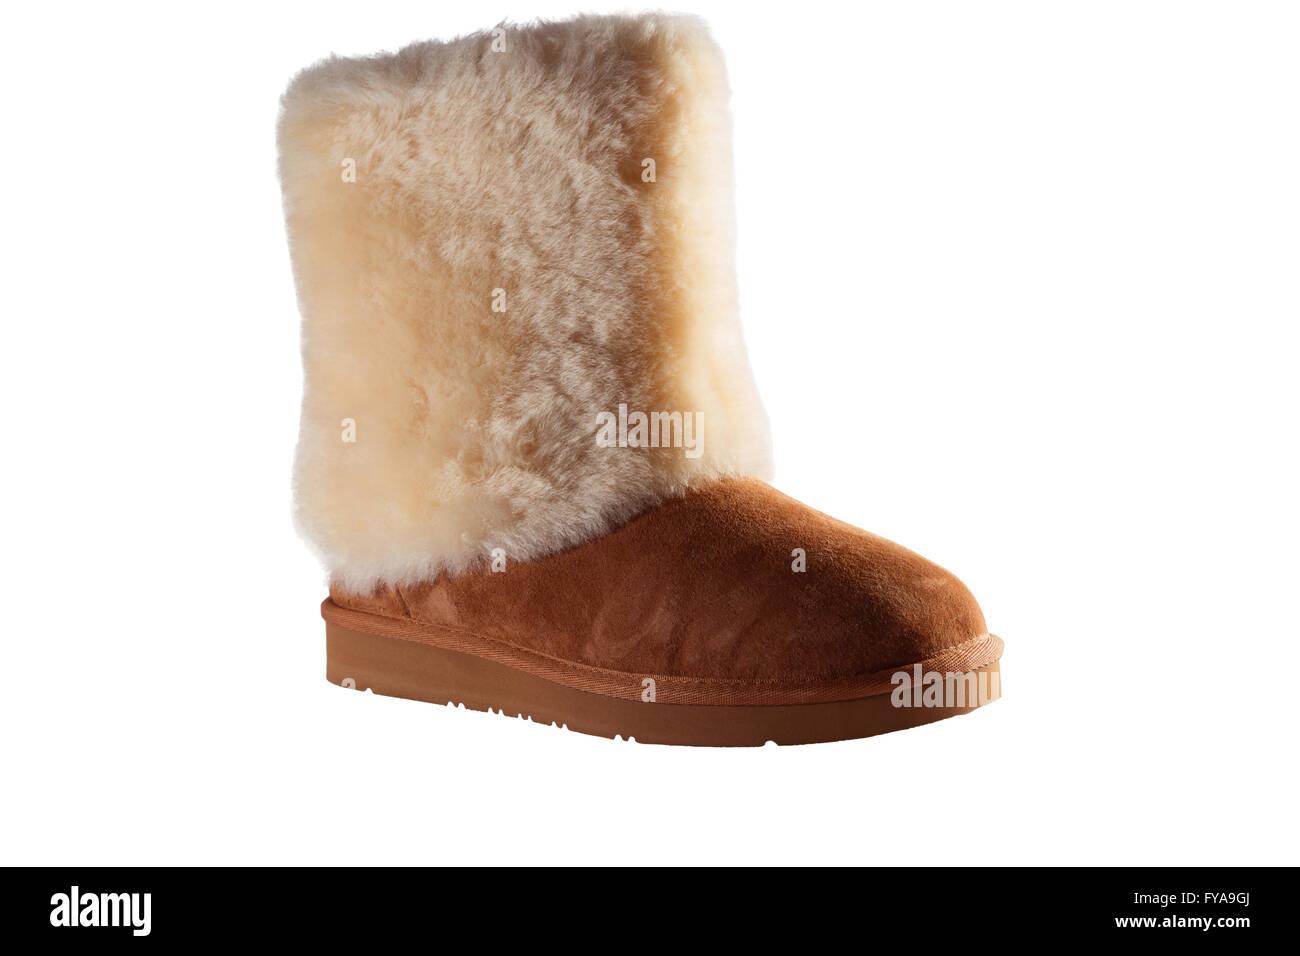 Womens Schaffell Stiefel isolierten auf weißen Hintergrund Stockfoto ... 77db34035e